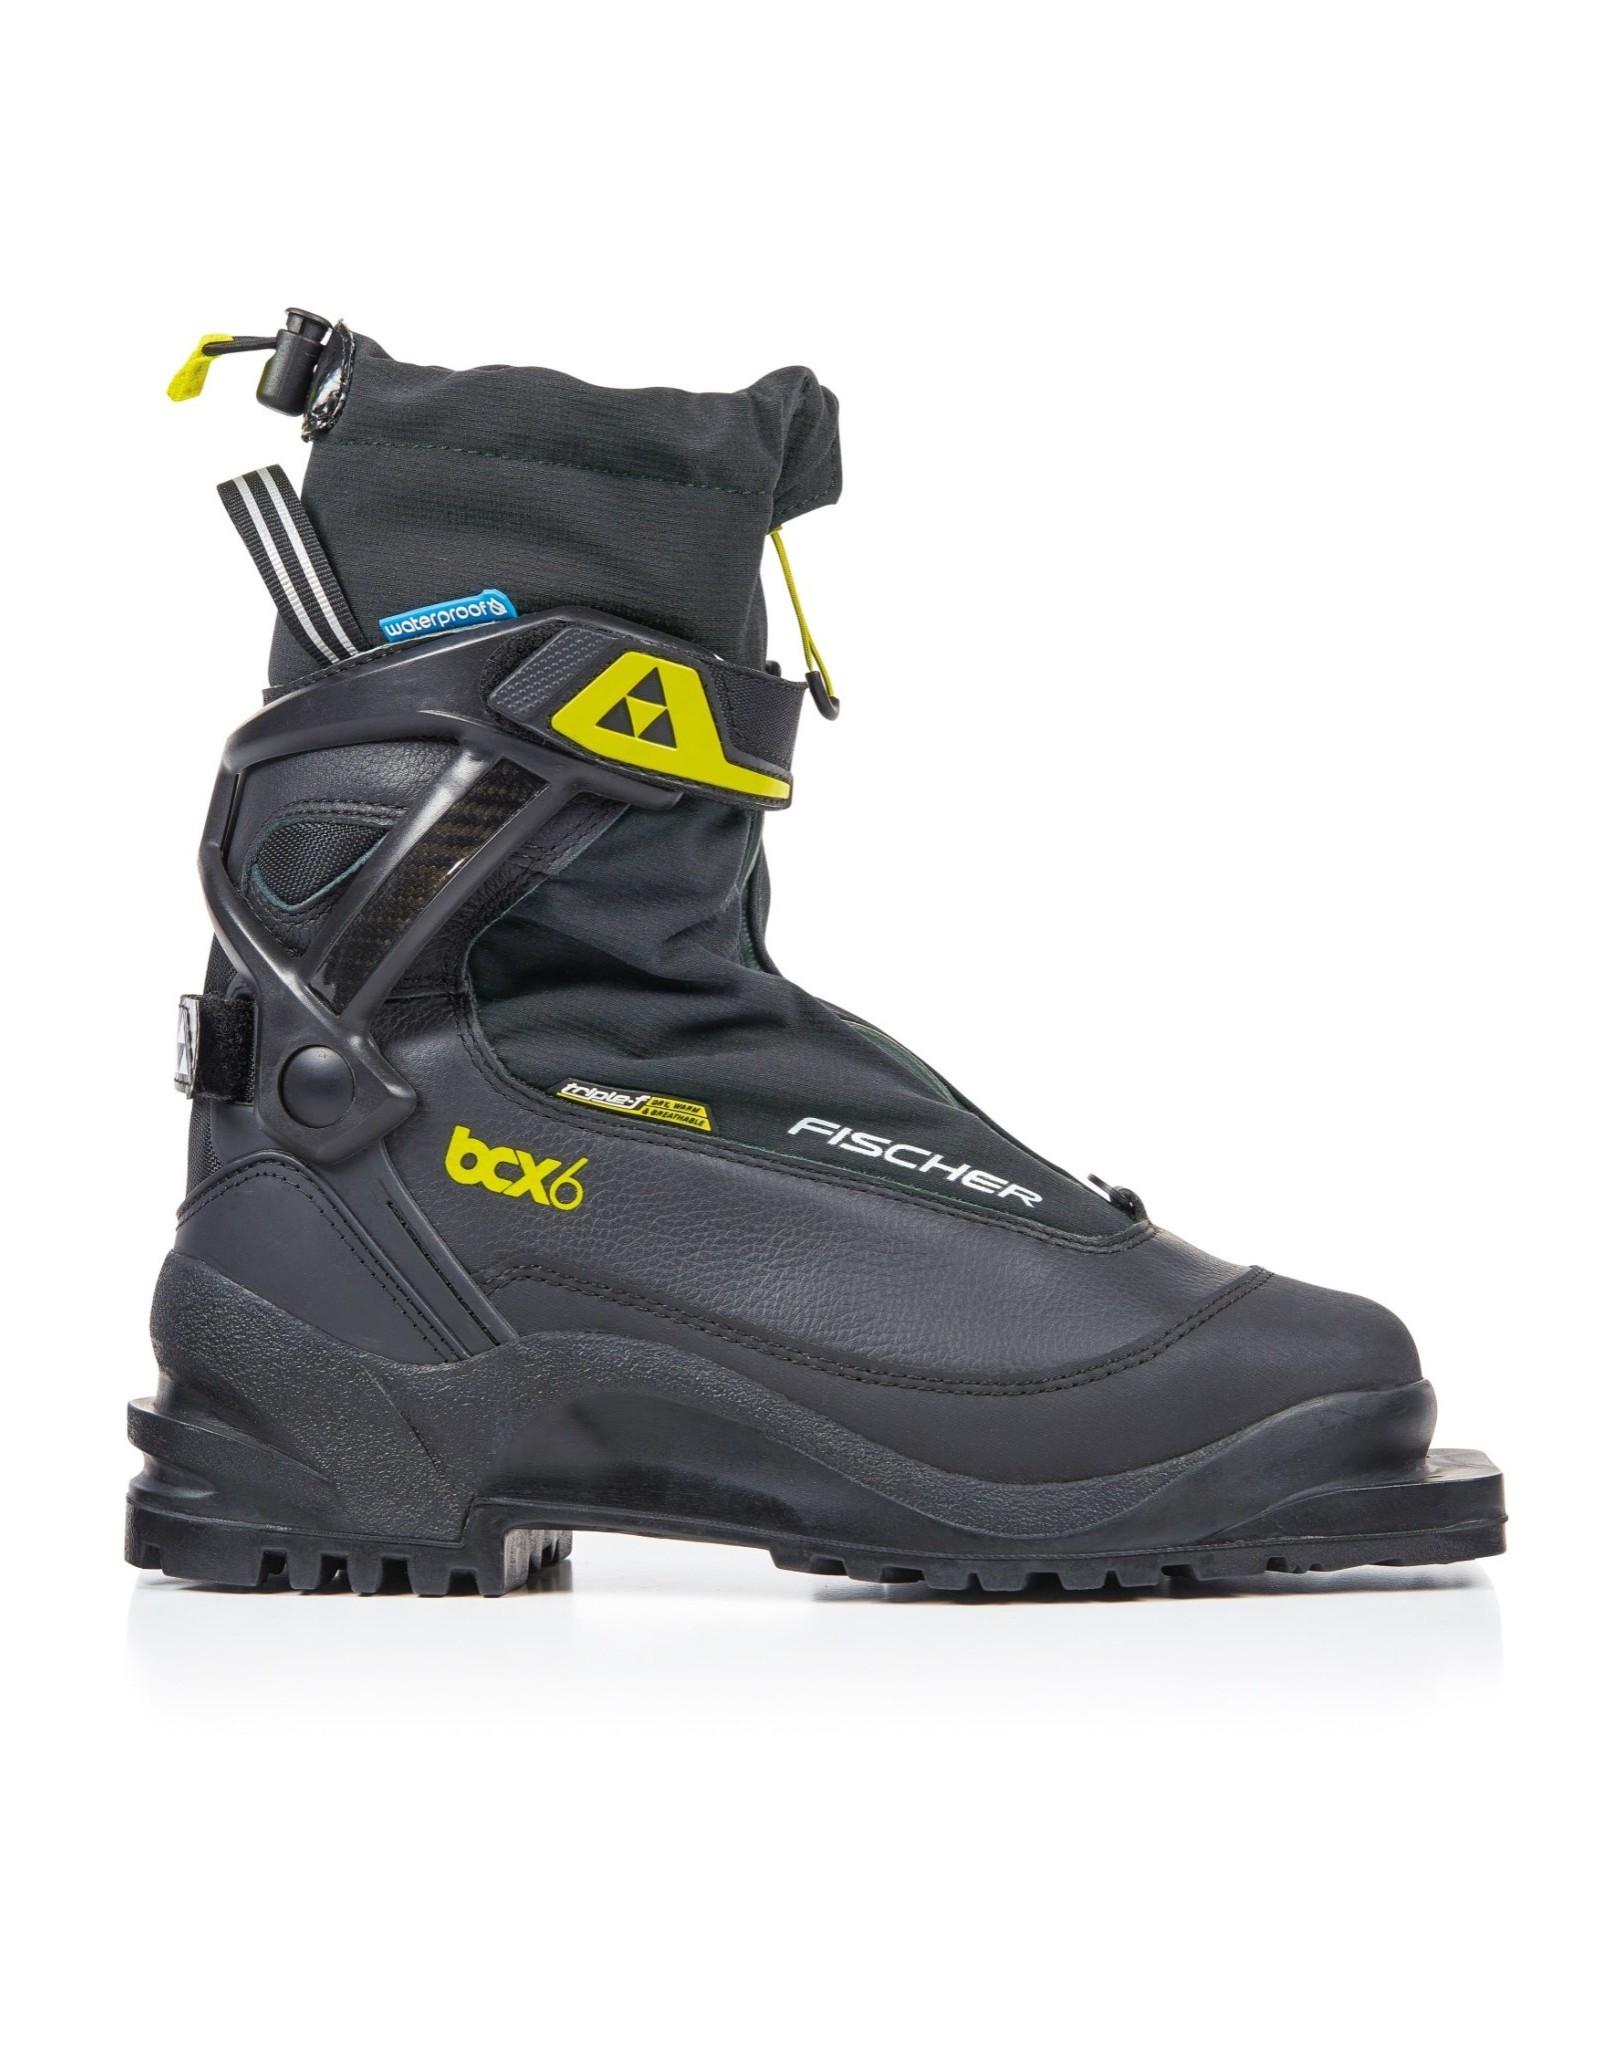 Fischer Fischer 2021 BCX 675 75mm Backcountry Ski Boots